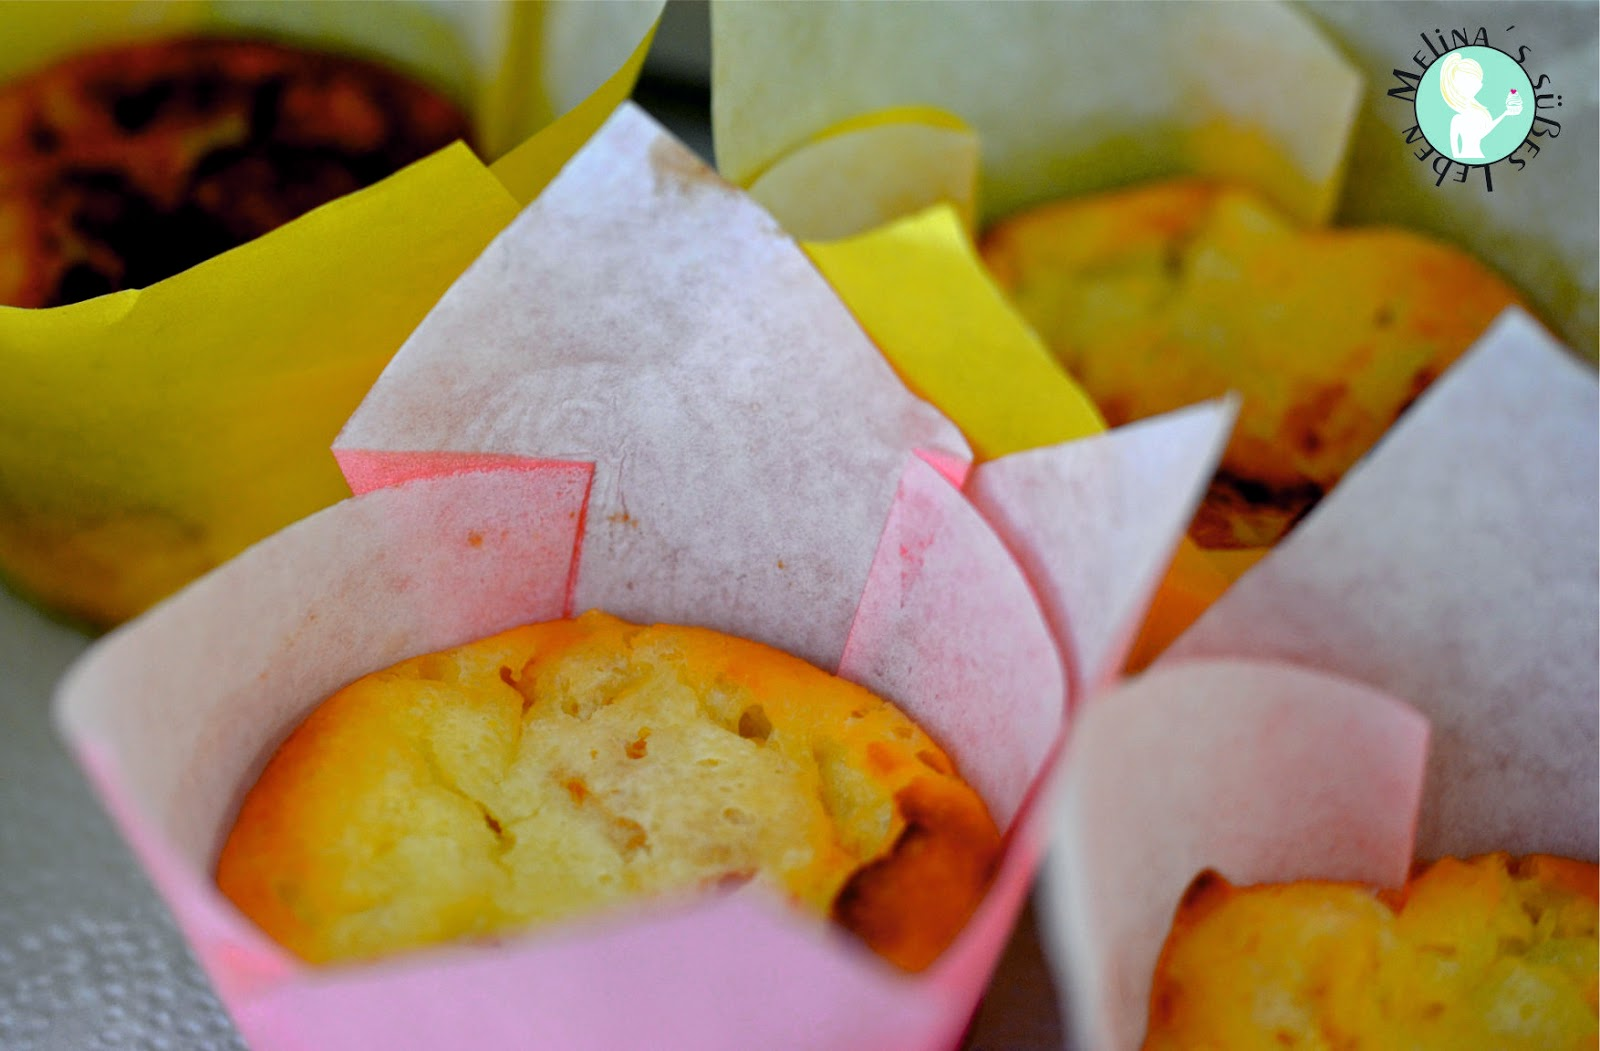 Melina S Susses Leben Kasekuchen Muffins Ohne Mehl Glutenfrei